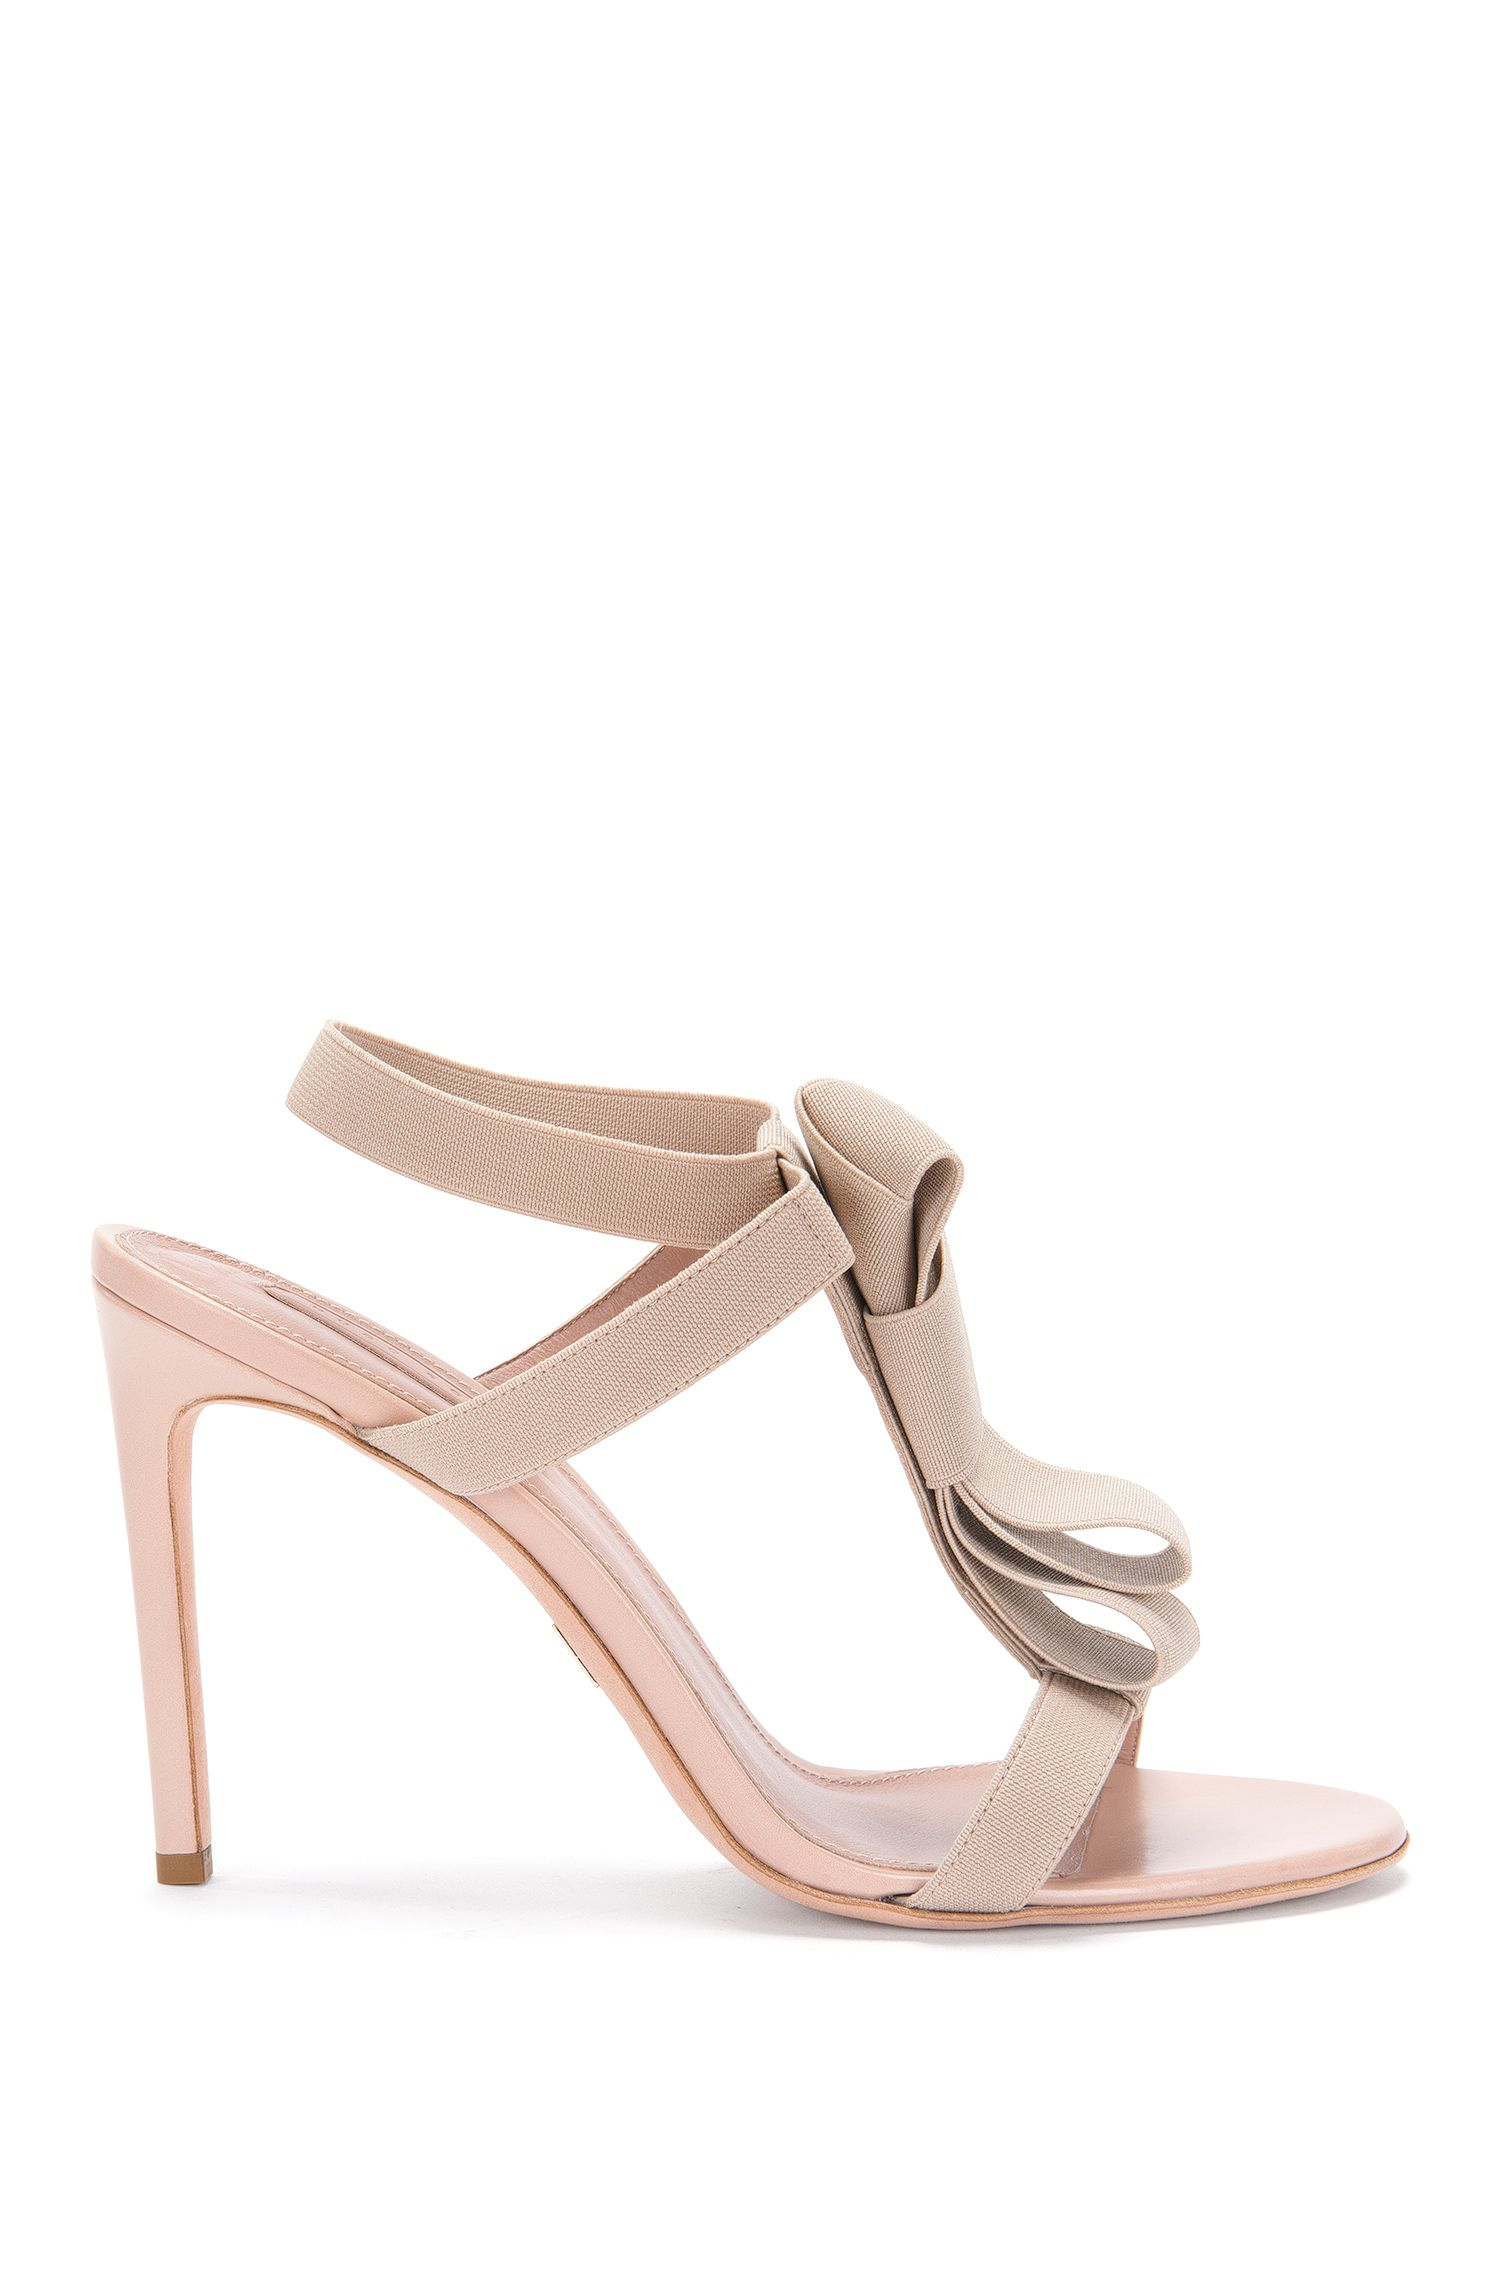 High Heels aus Leder mit Elastikriemchen: 'Bow Tie Sandal'